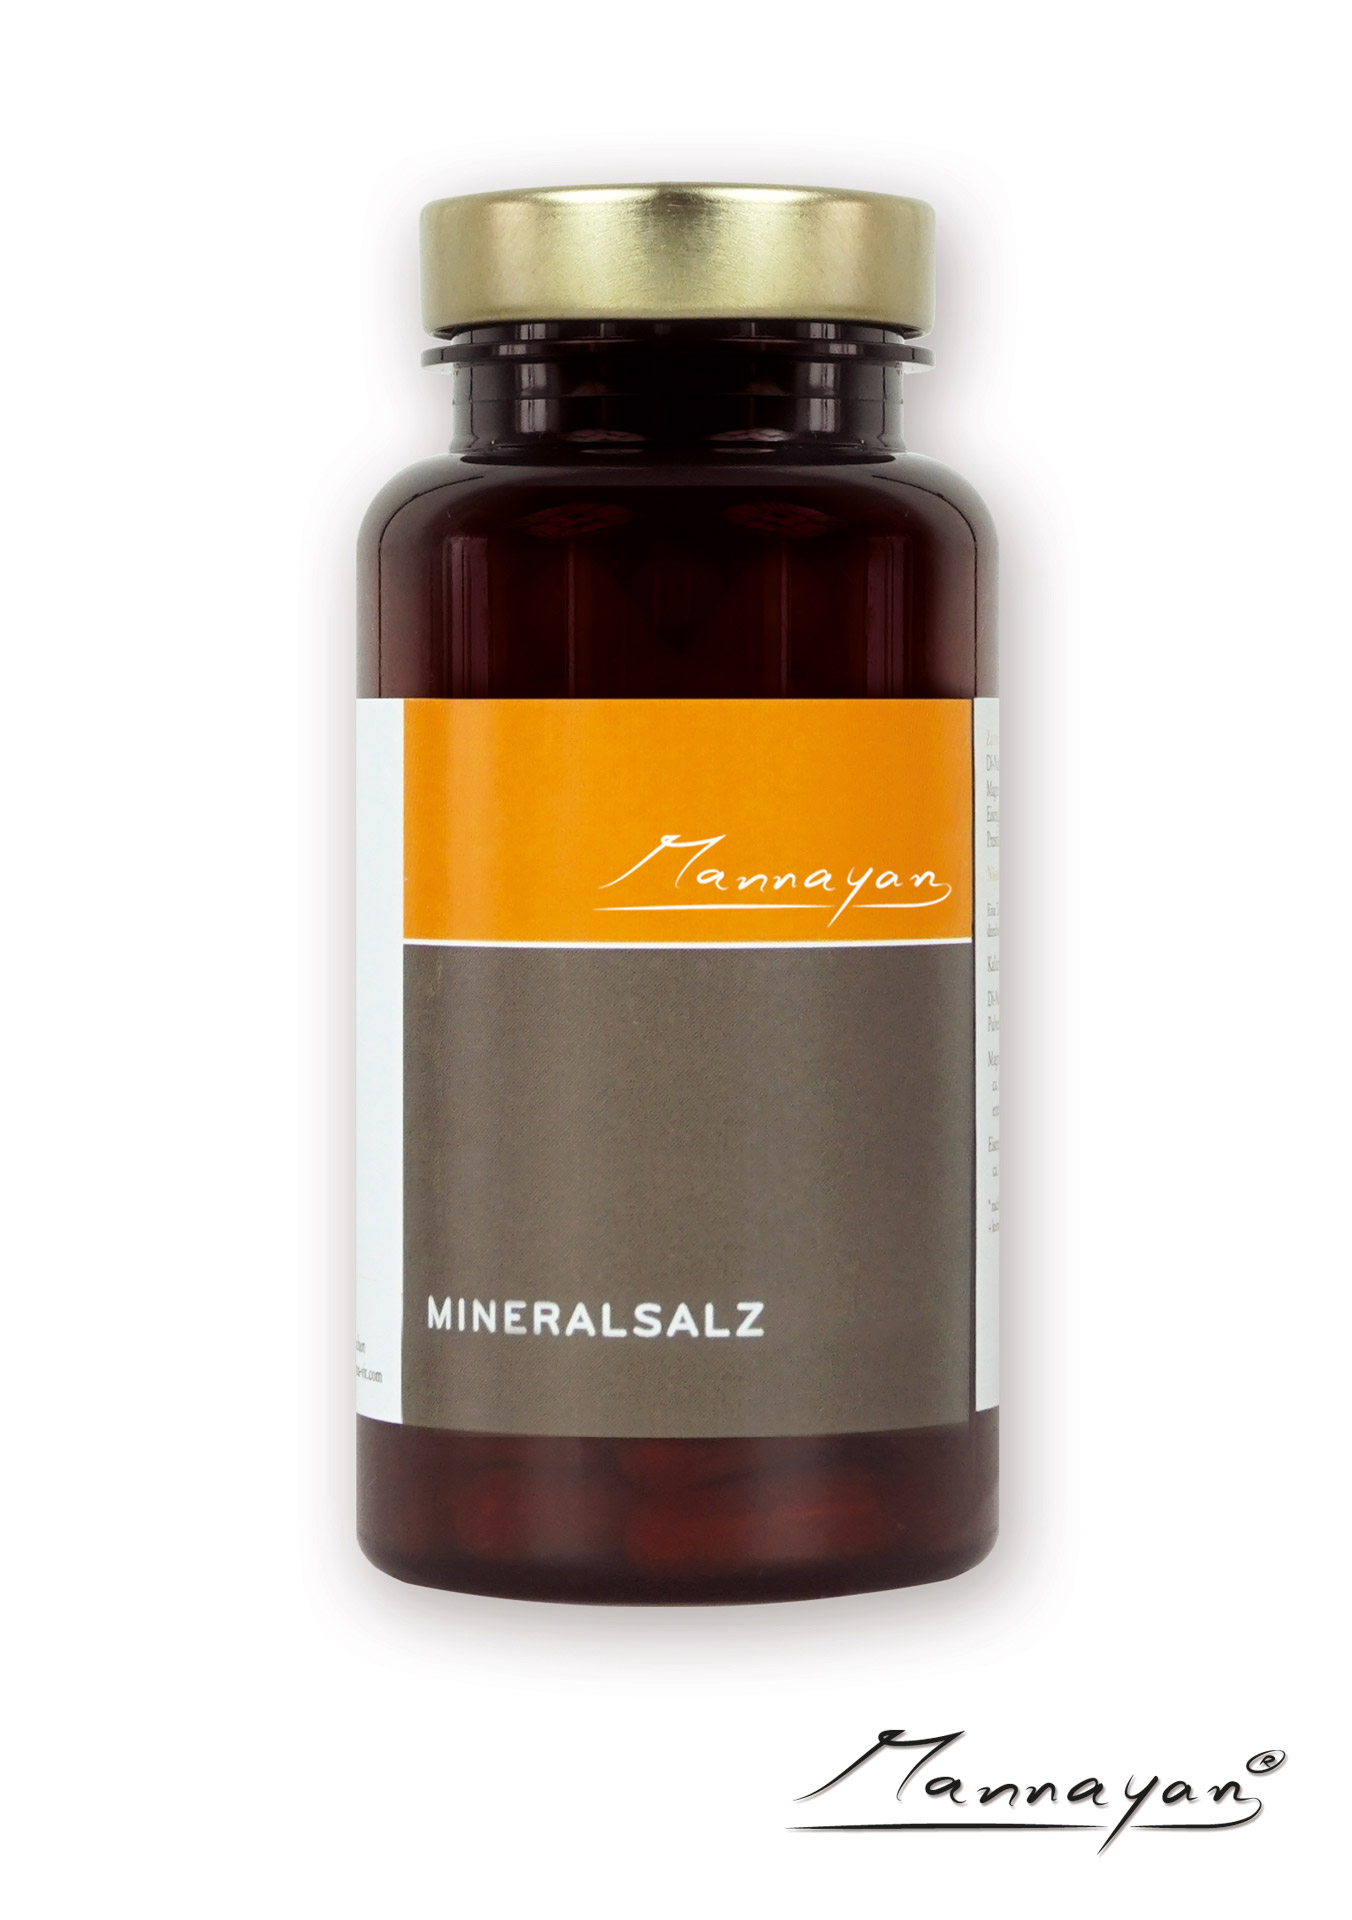 Mineralsalz von Mannayan